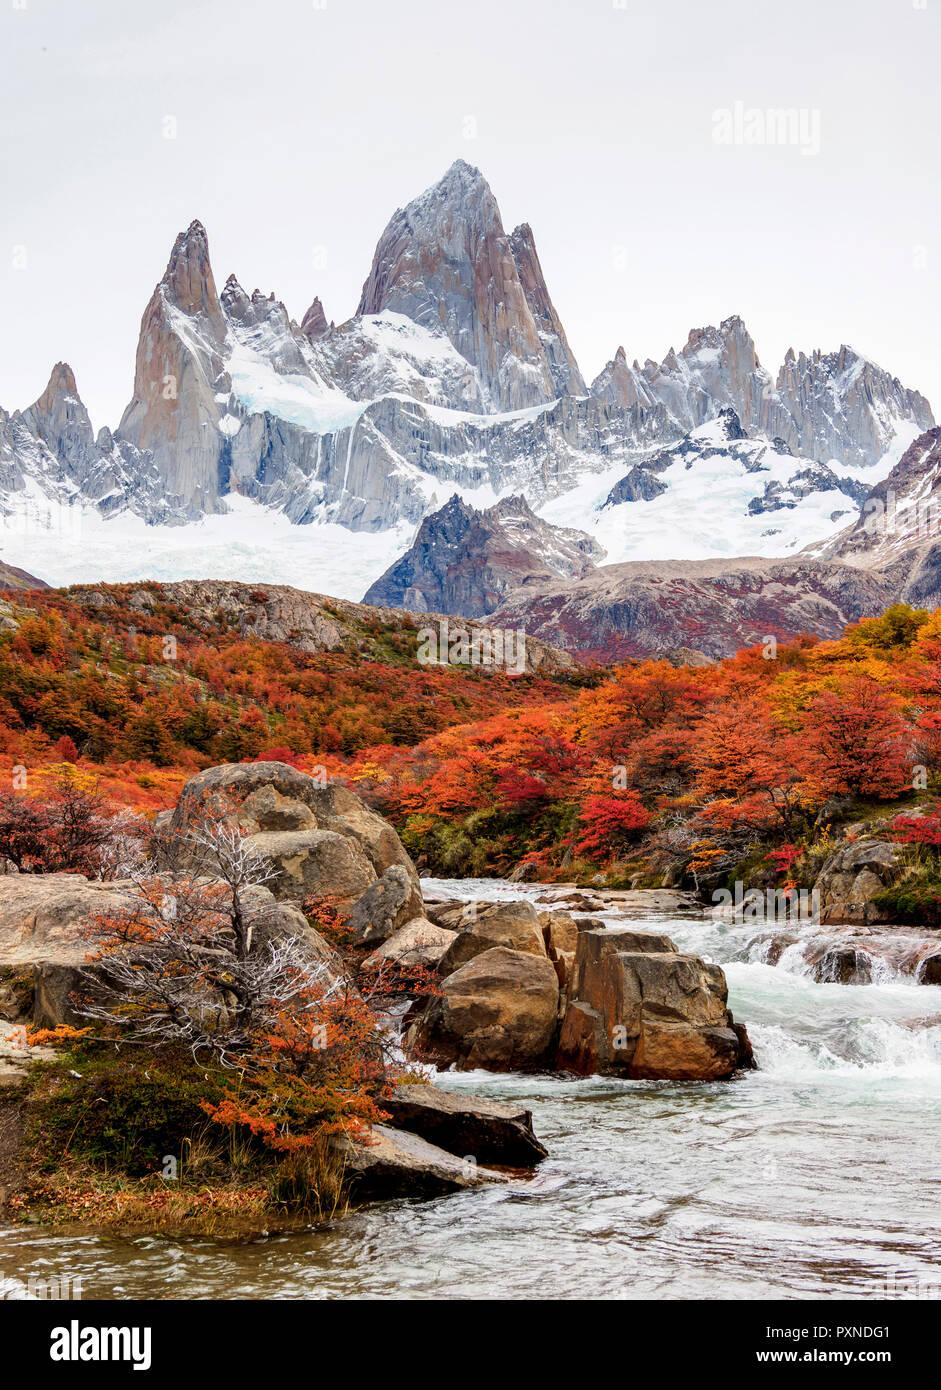 Arroyo del Salto and Mount Fitz Roy, Los Glaciares National Park, Santa Cruz Province, Patagonia, Argentina - Stock Image